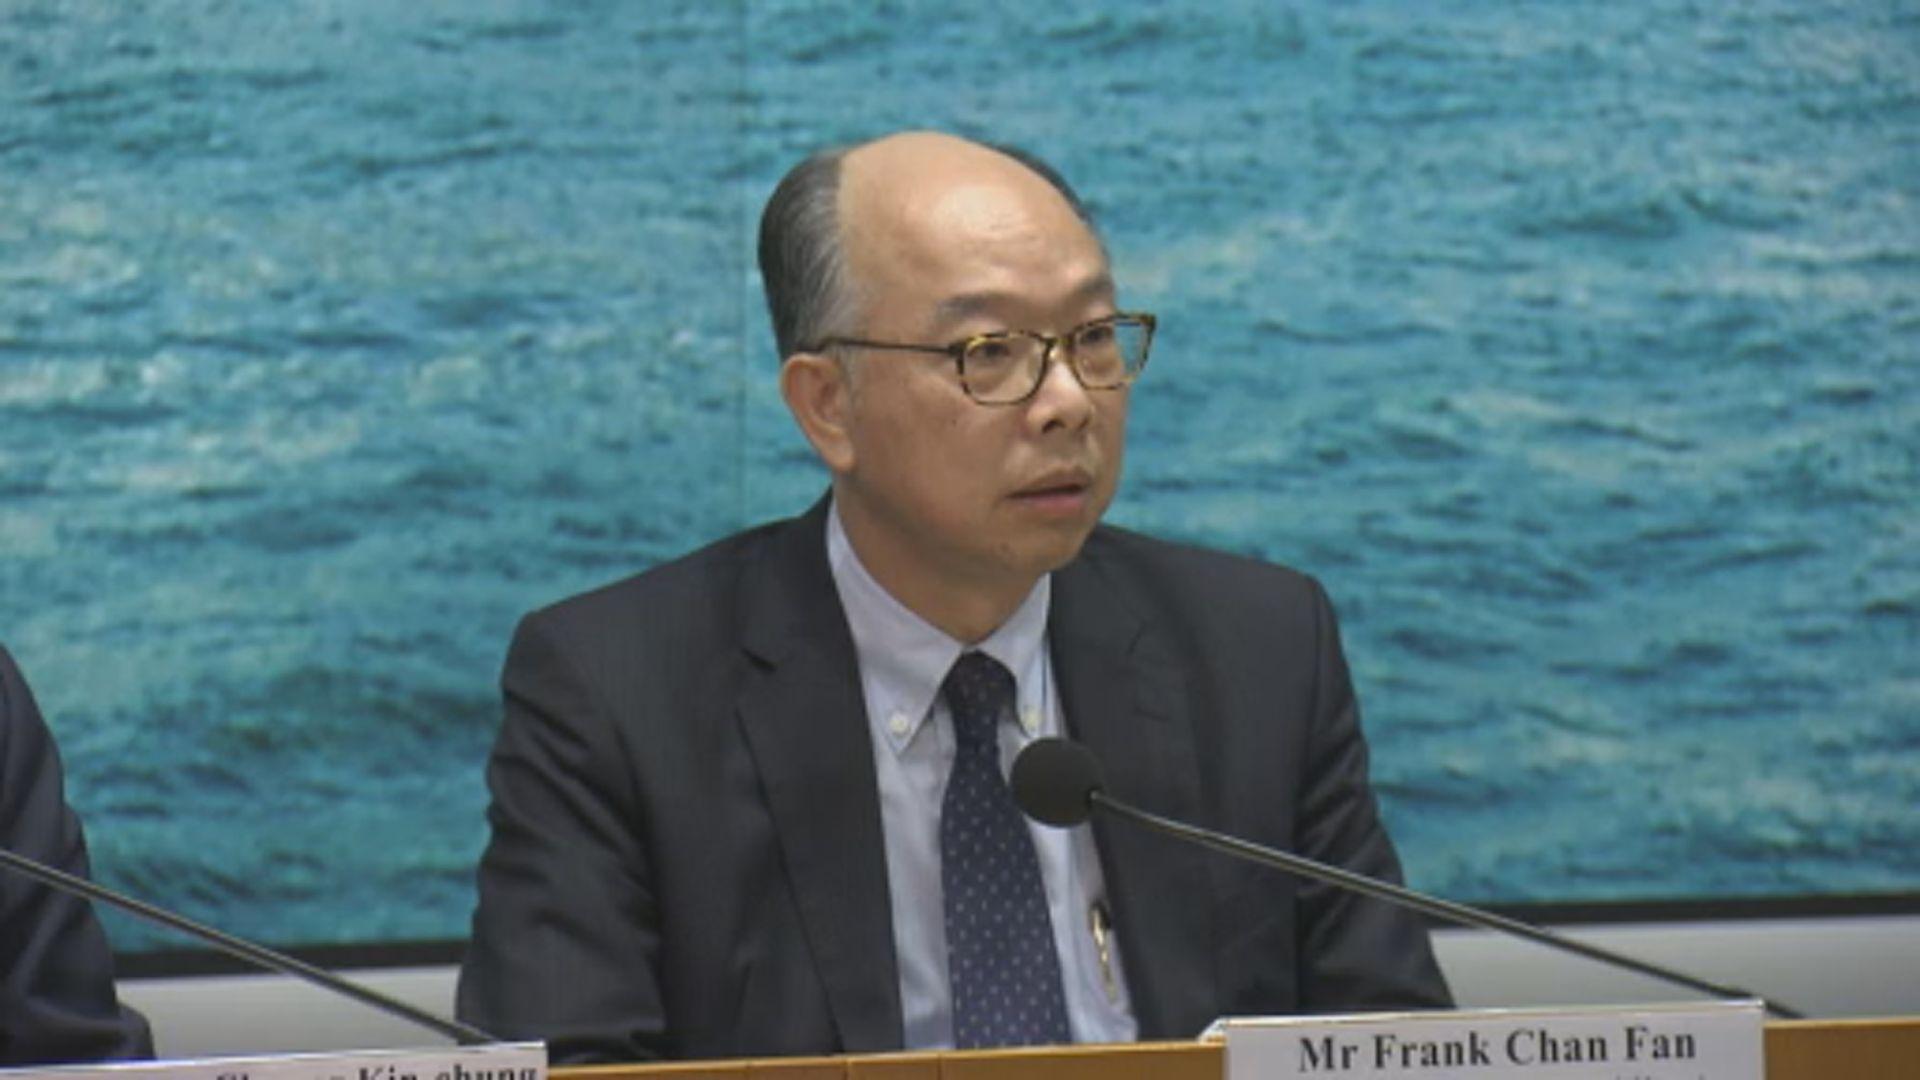 陳帆:干預機場運作令香港付出沉重代價